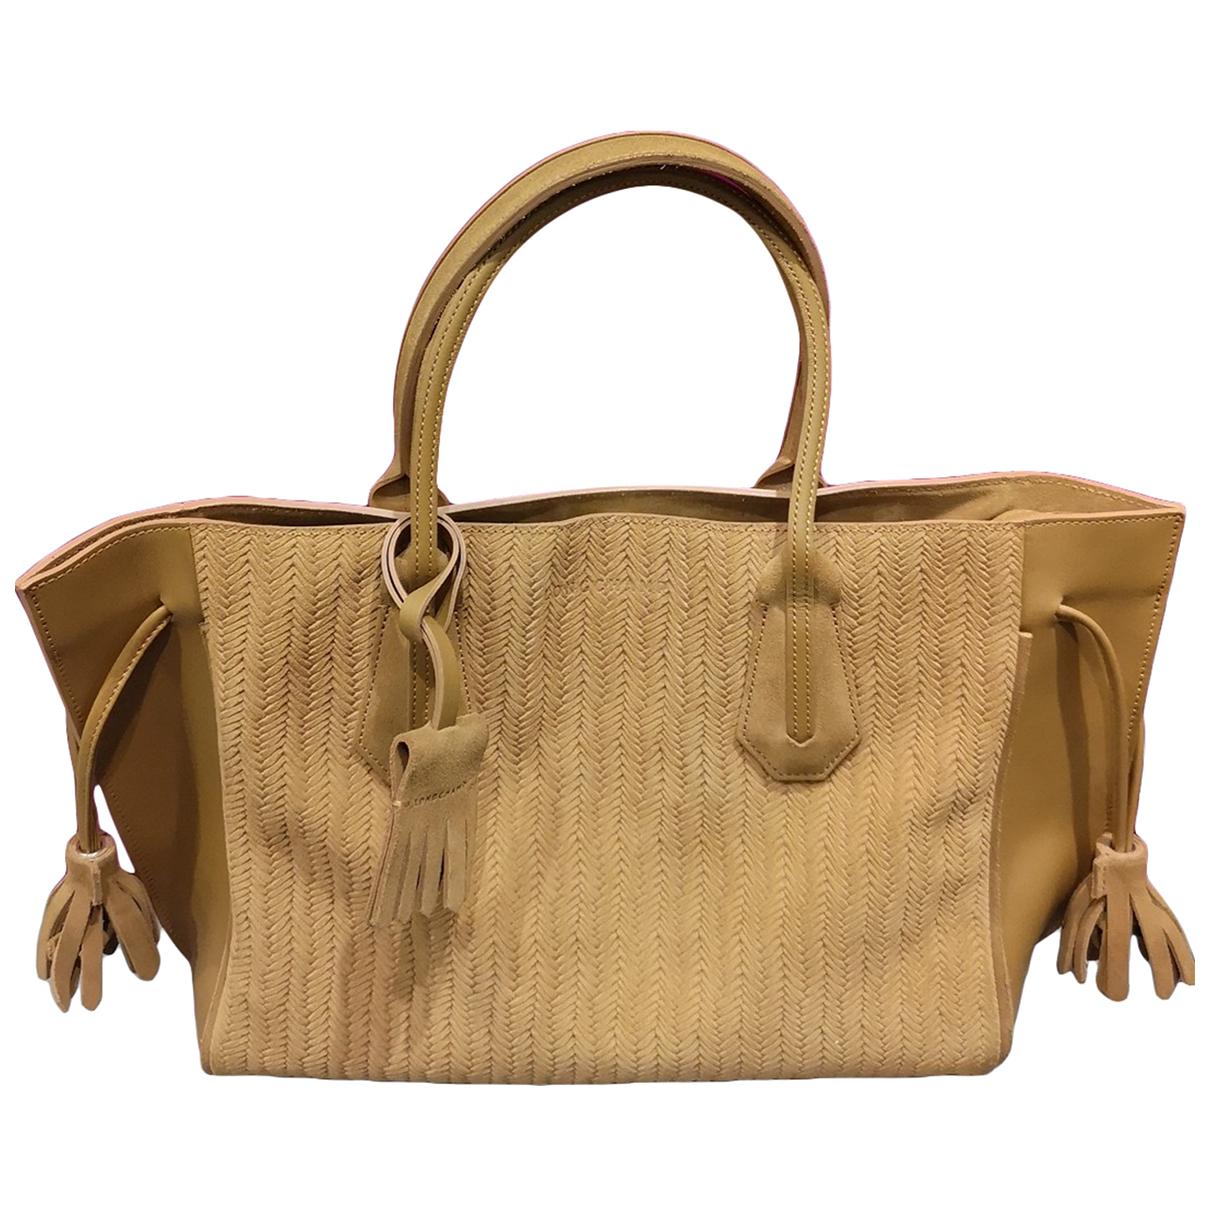 Longchamp - Sac a main Penelope  pour femme en cuir - camel